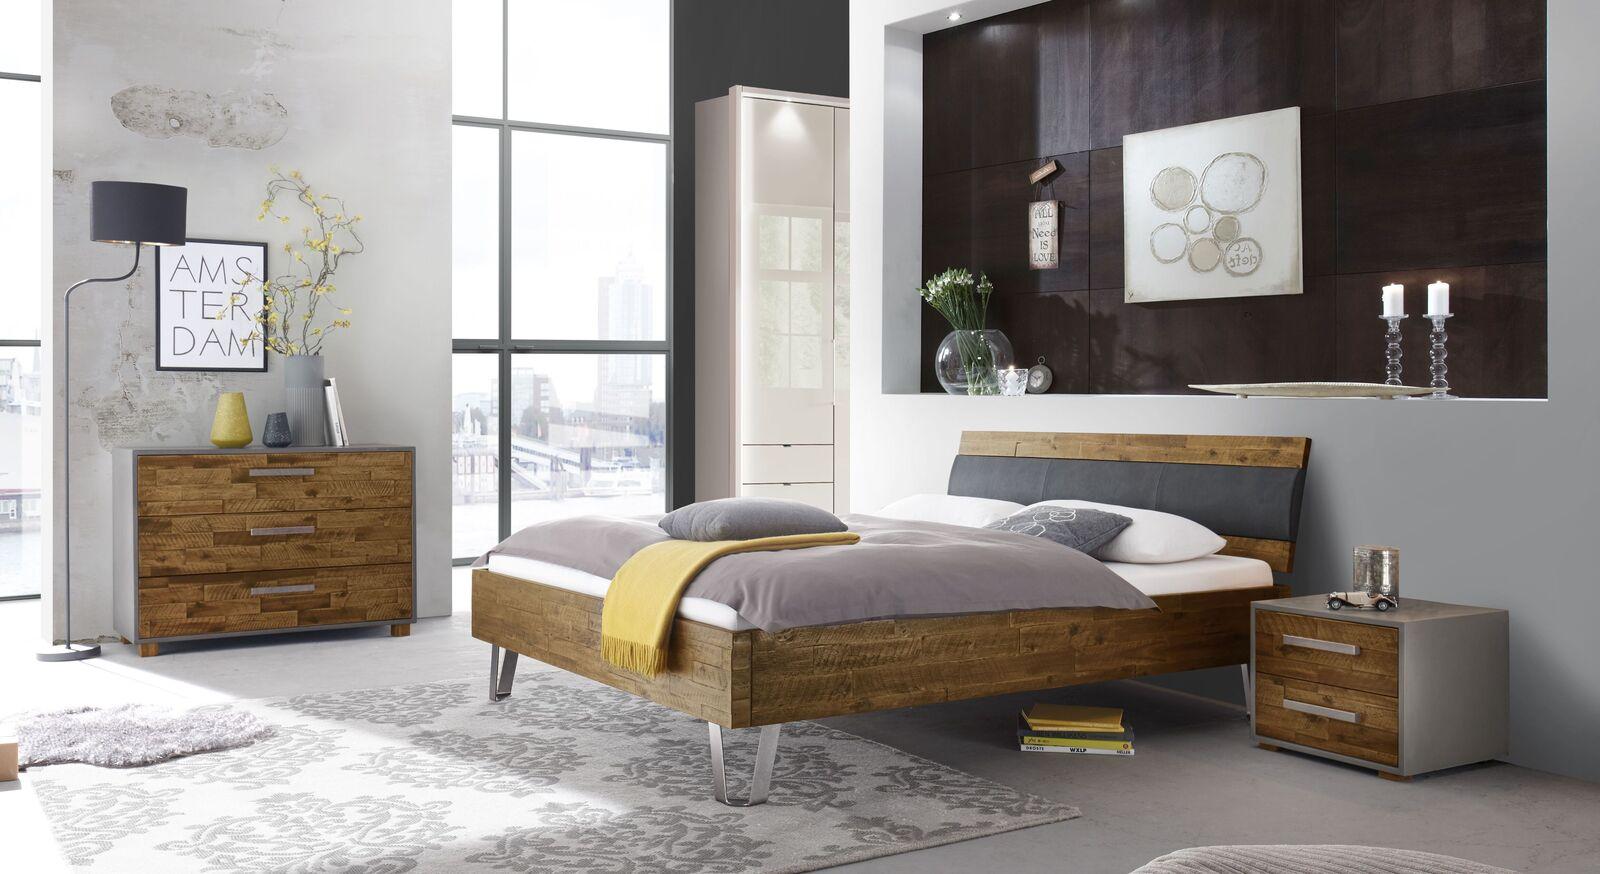 Bett Detaria mit passender Schlafzimmer-Ausstattung